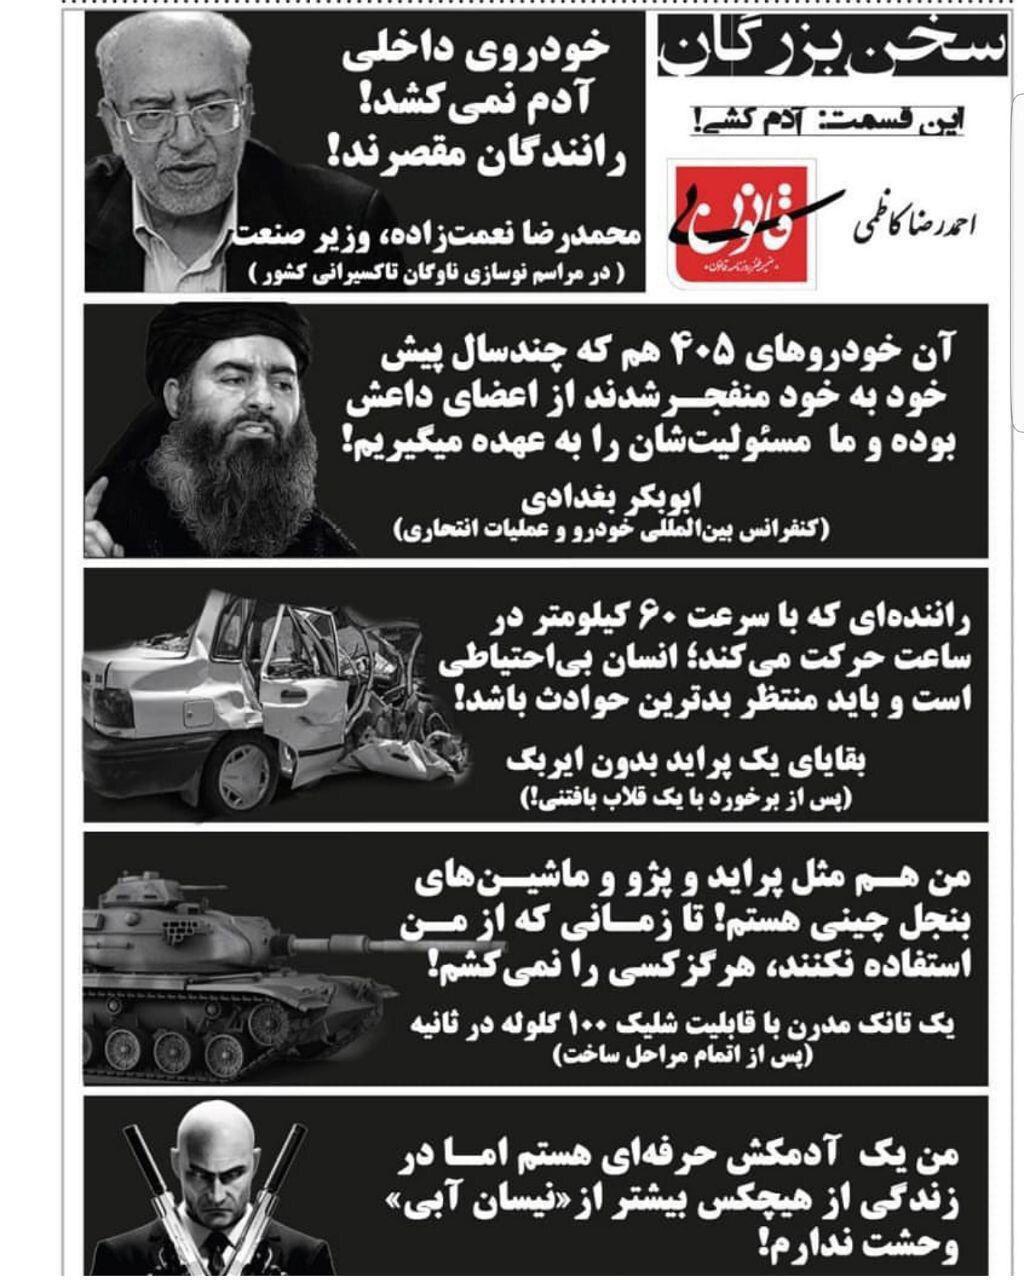 نمونهای از شعرهای مسئولان ایران! + عکس